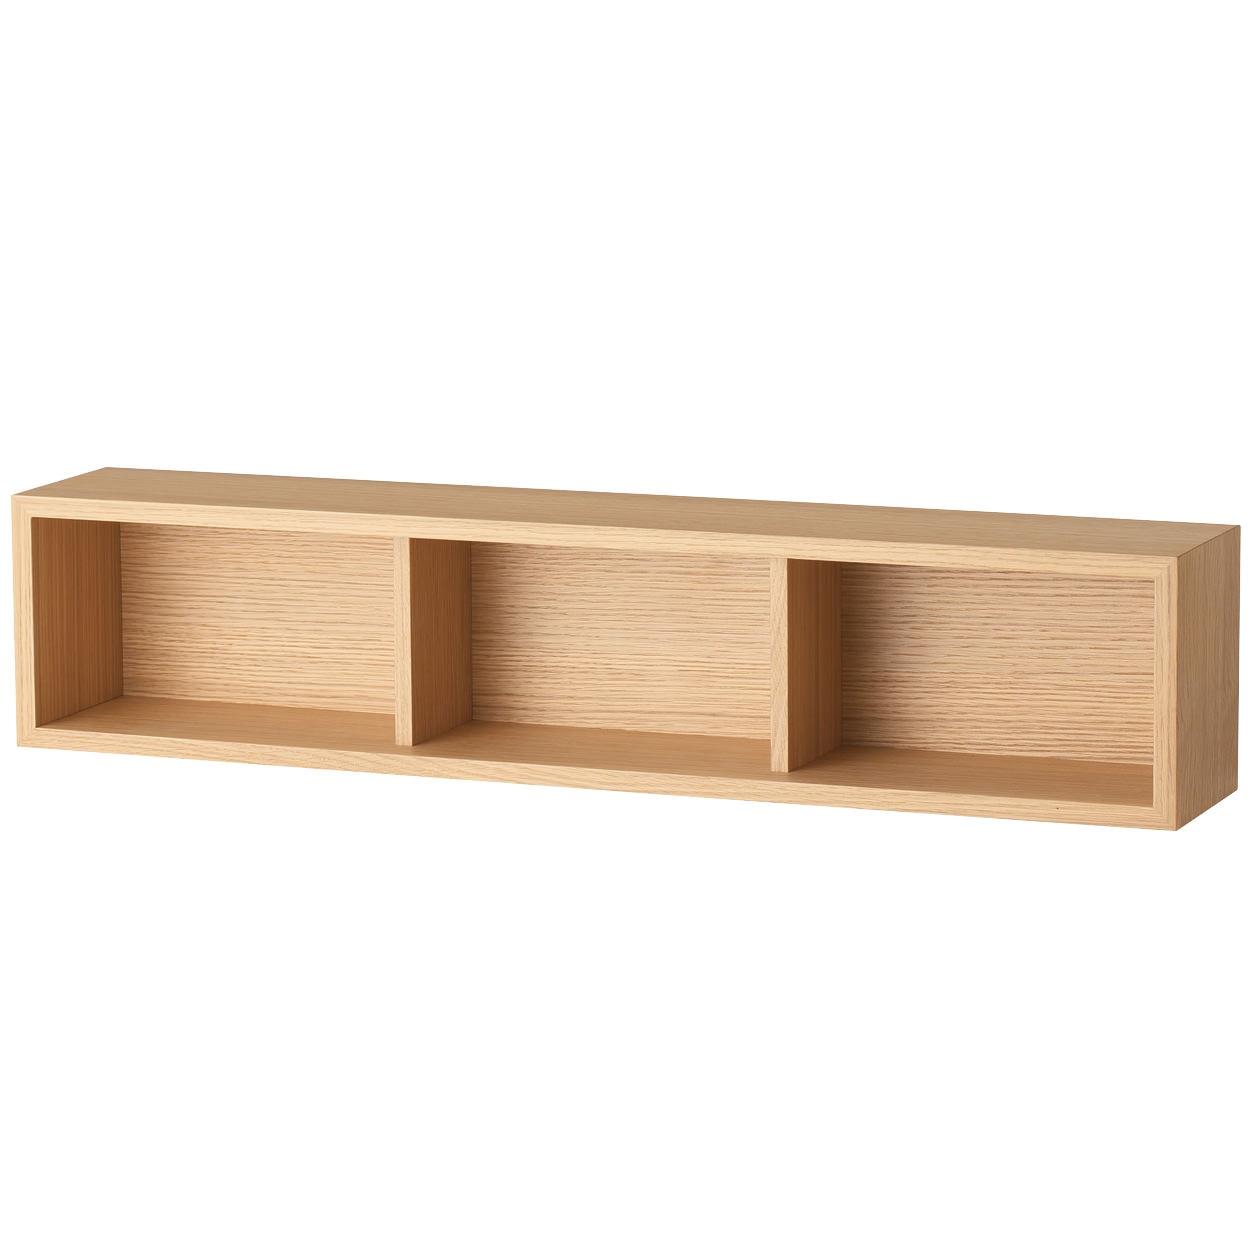 壁に付けられる家具・箱・幅88cm・オーク材の写真